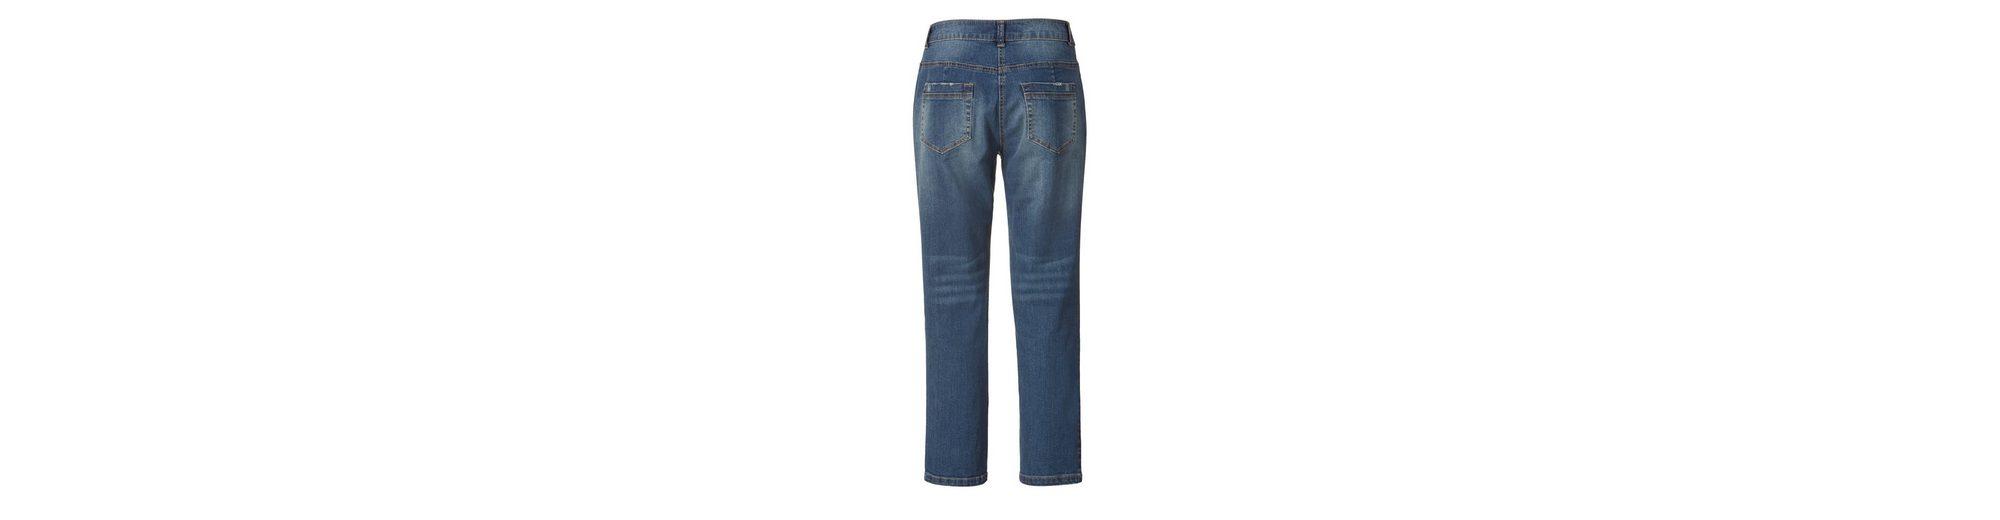 Preise Und Verfügbarkeit Günstiger Preis Janet und Joyce by Happy Size Slim Fit Jeans mit Patches Billig Verkauf Browse haxopaY